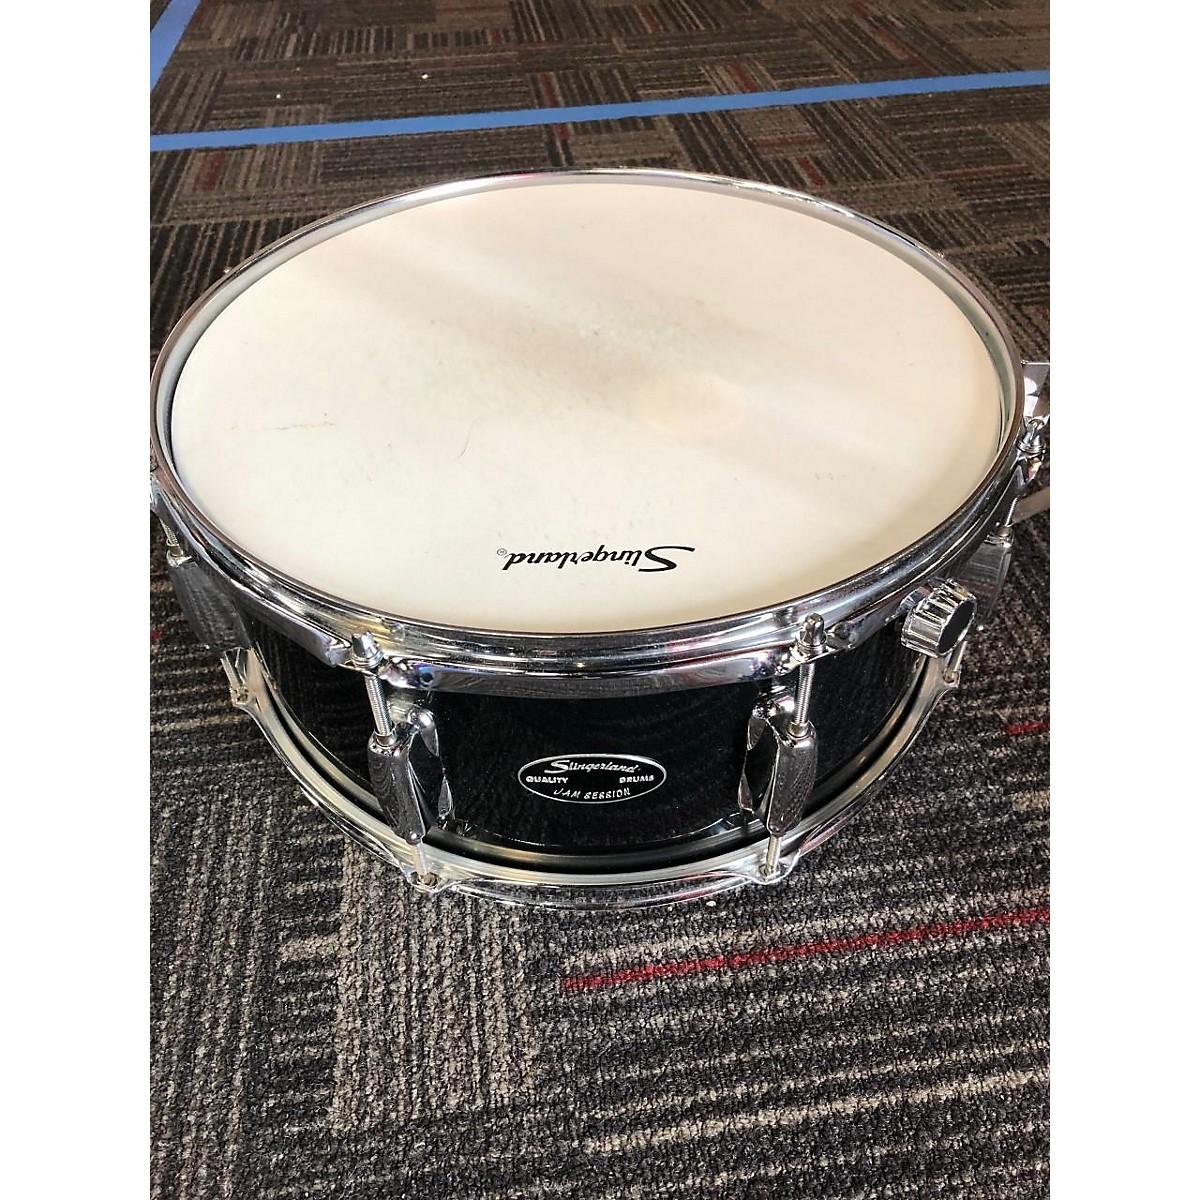 Slingerland 14X6 JAM SESSION Drum